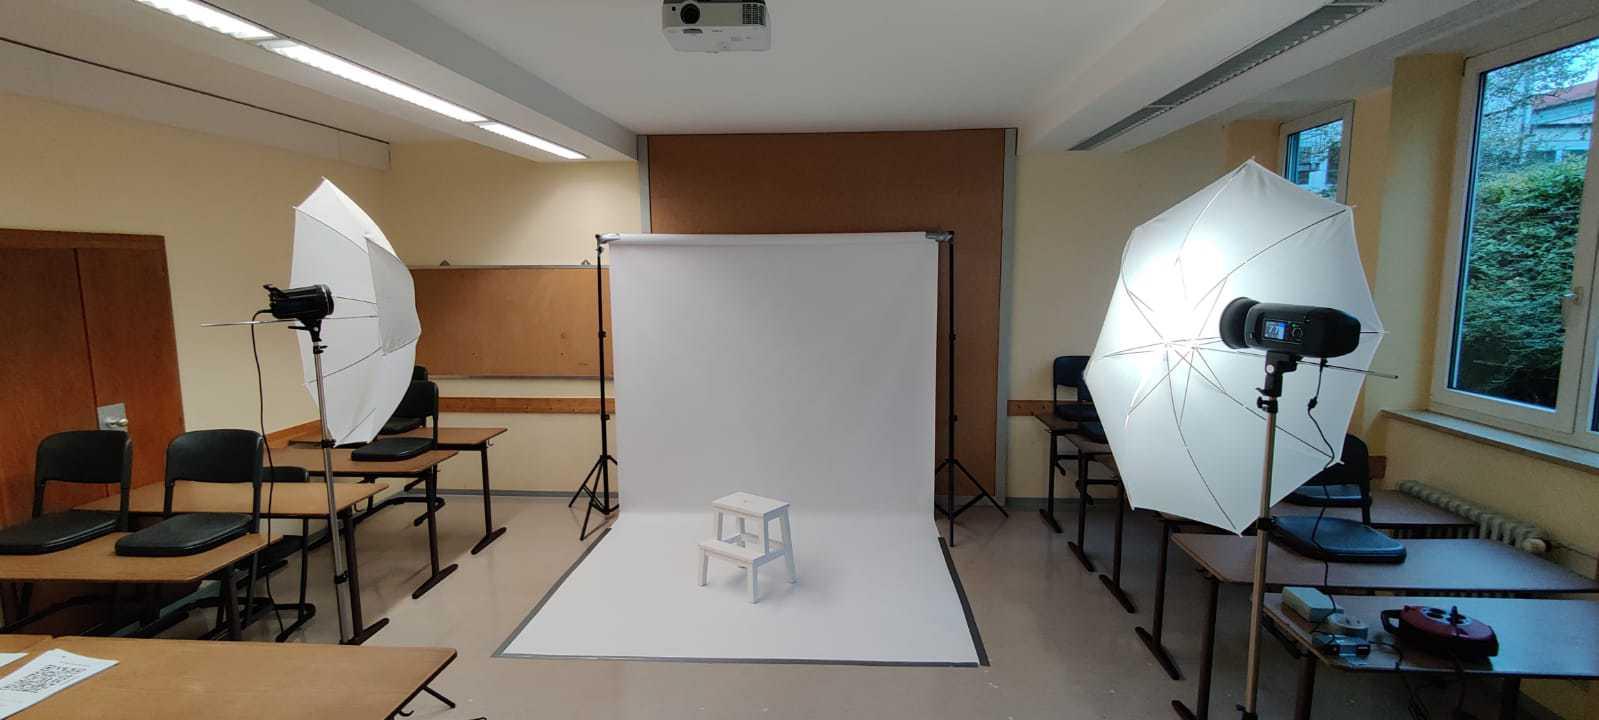 Mobiles Studio der Schulfotografie